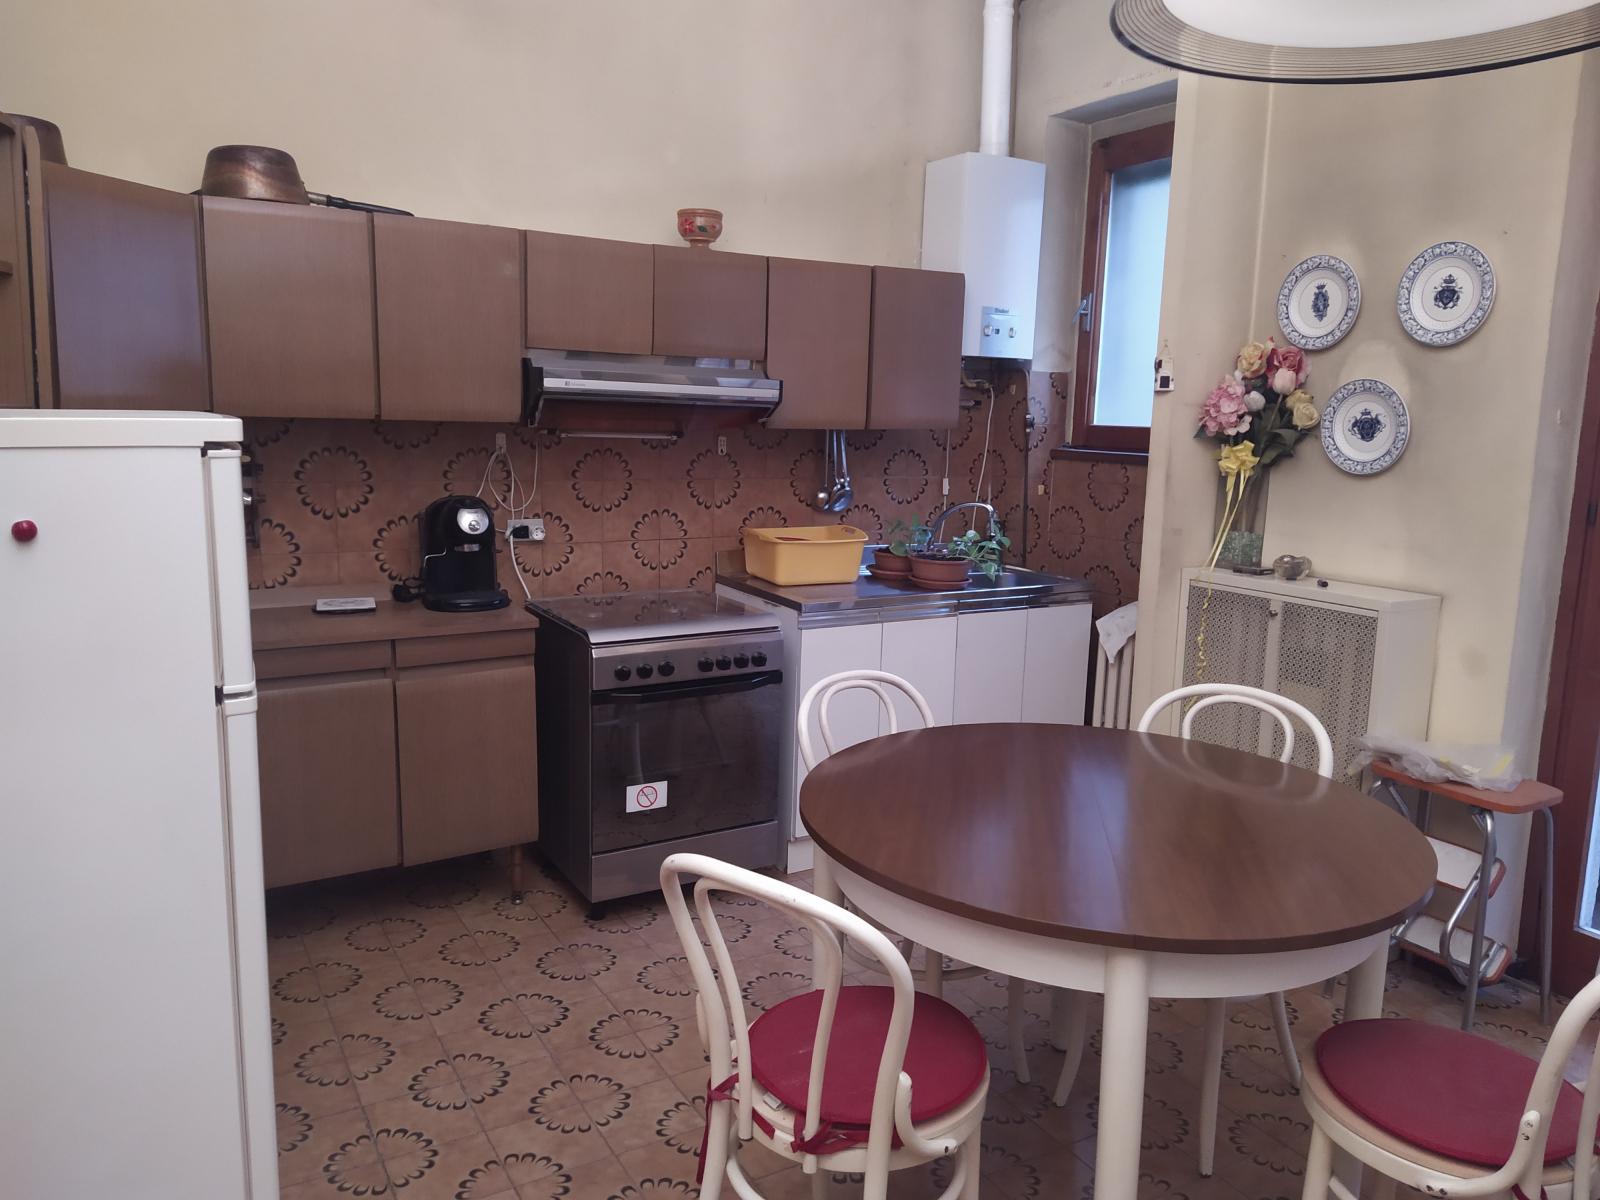 appartamento-in-vendita-piazza-seminunte-tre-locali-milano-da-ristrutturare-spaziourbano-immobiliare-dove-trovi-casa-21